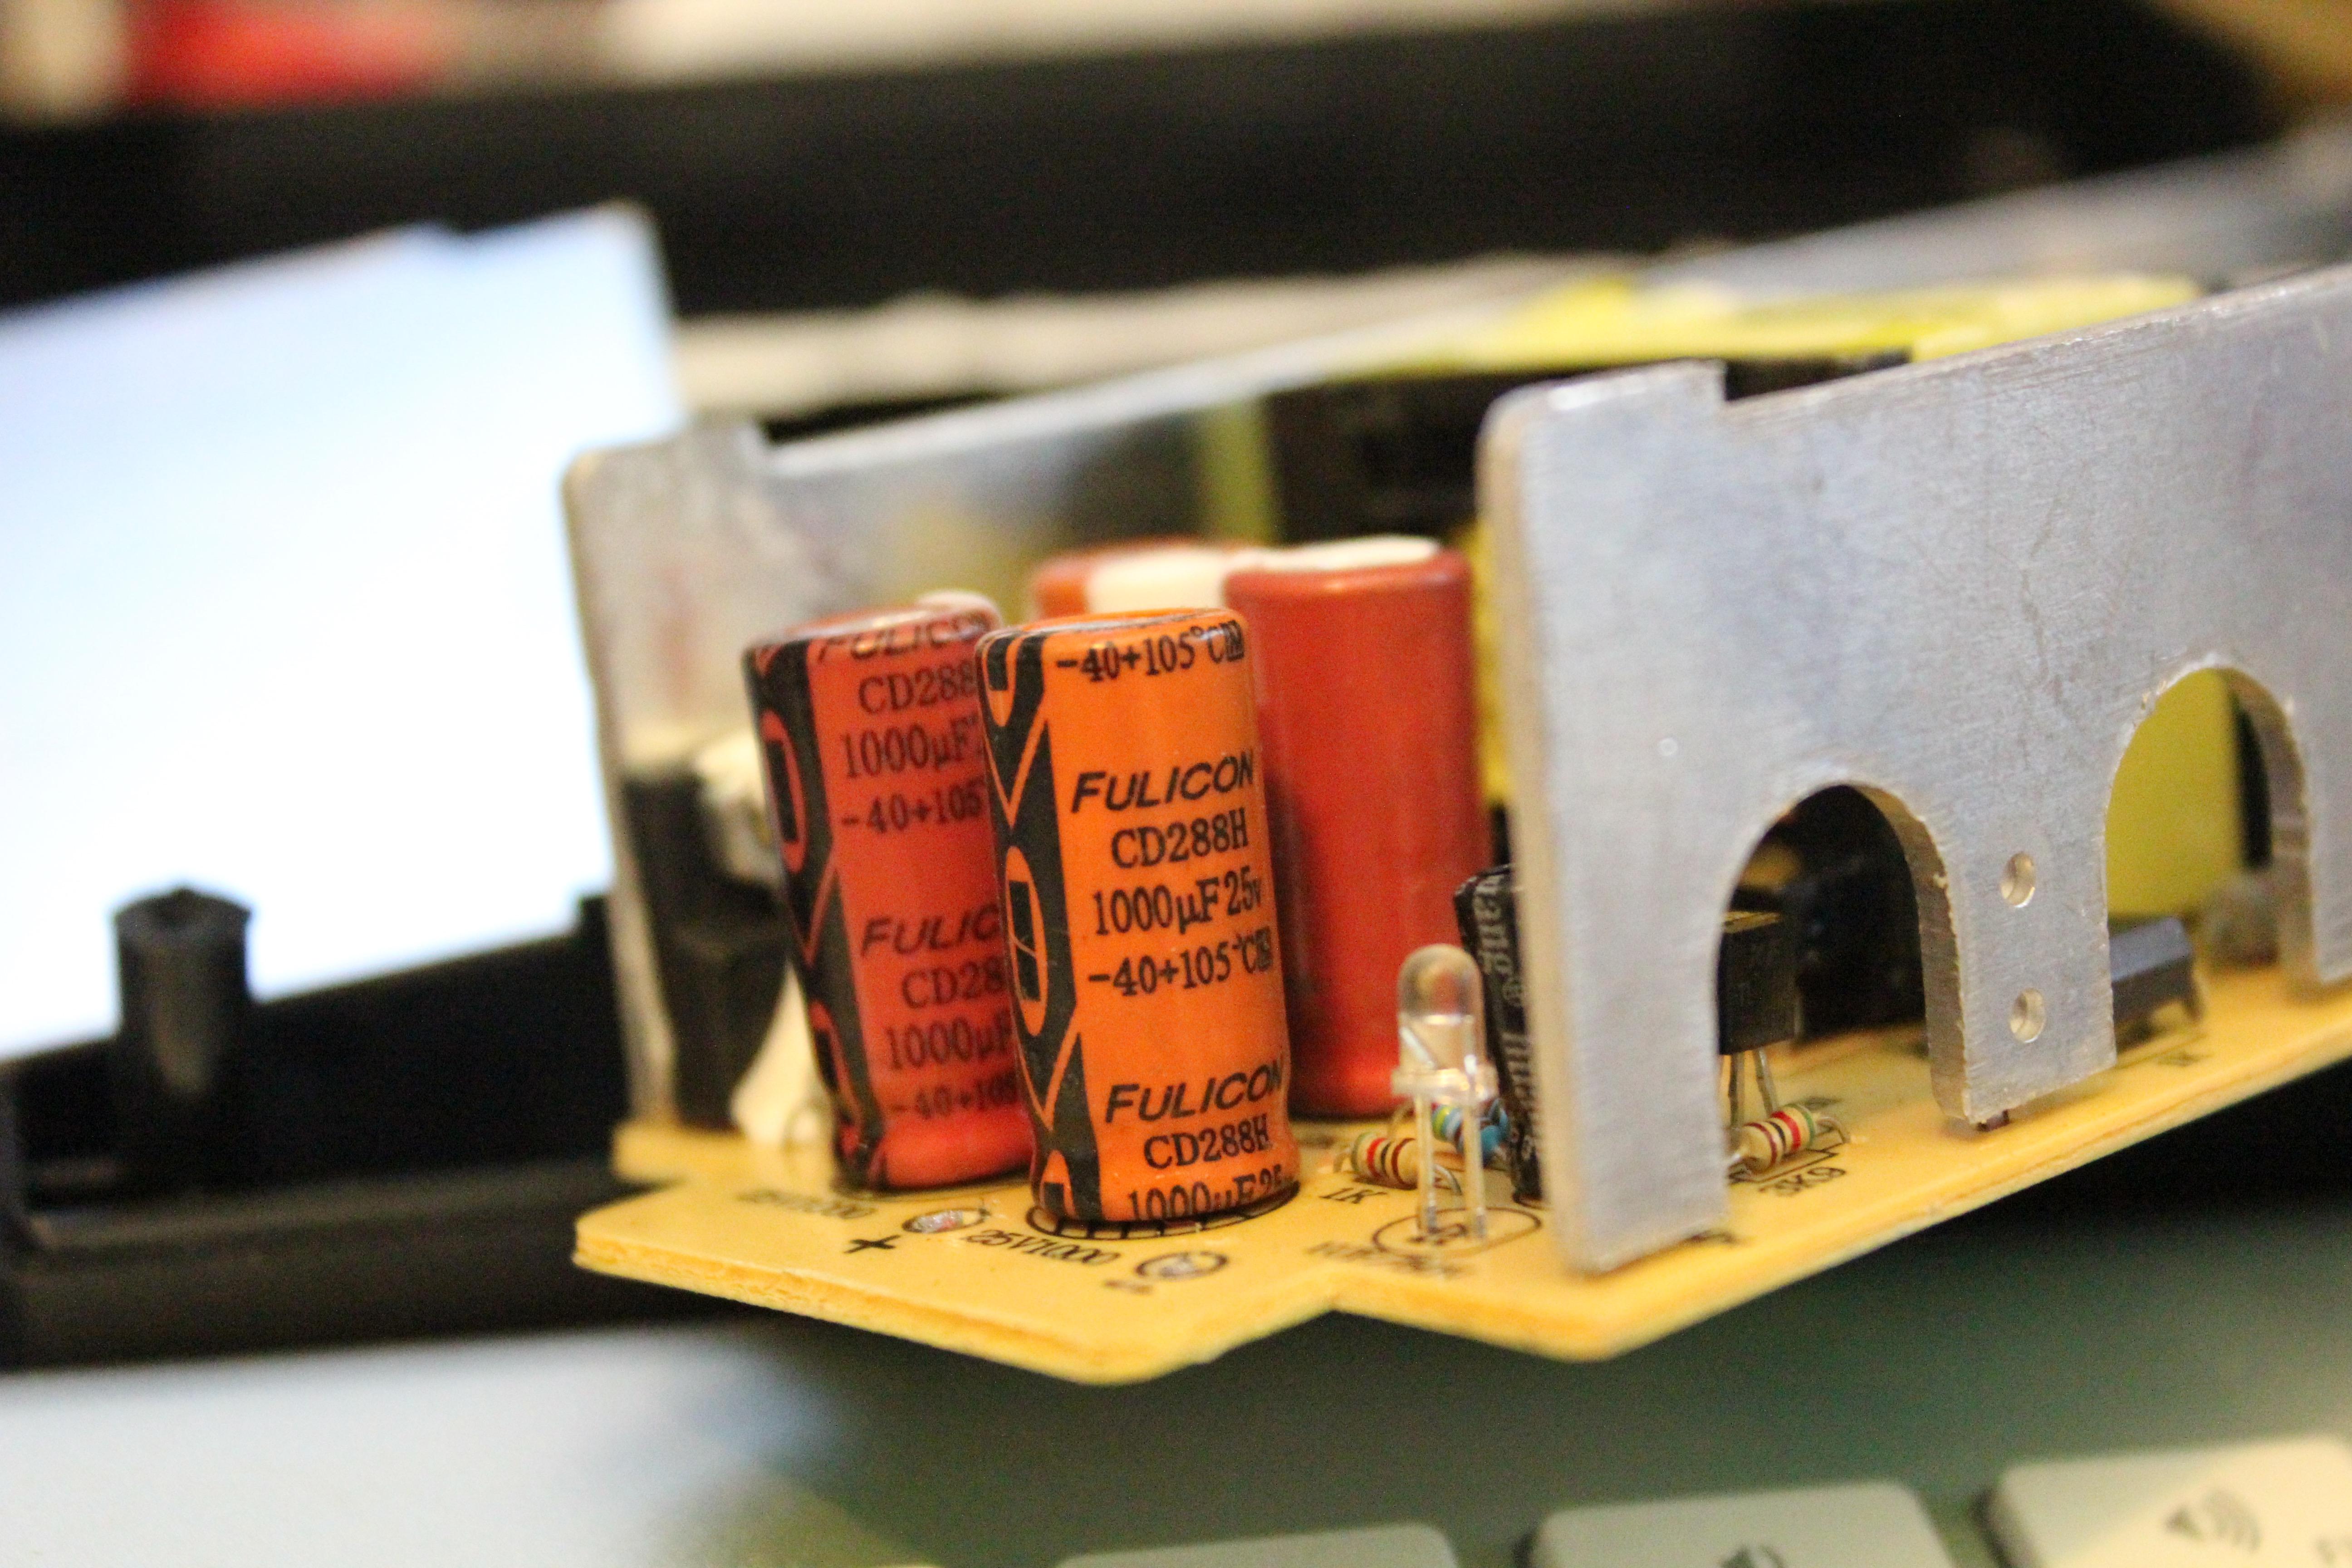 Genuine Fulicon Capacitors!